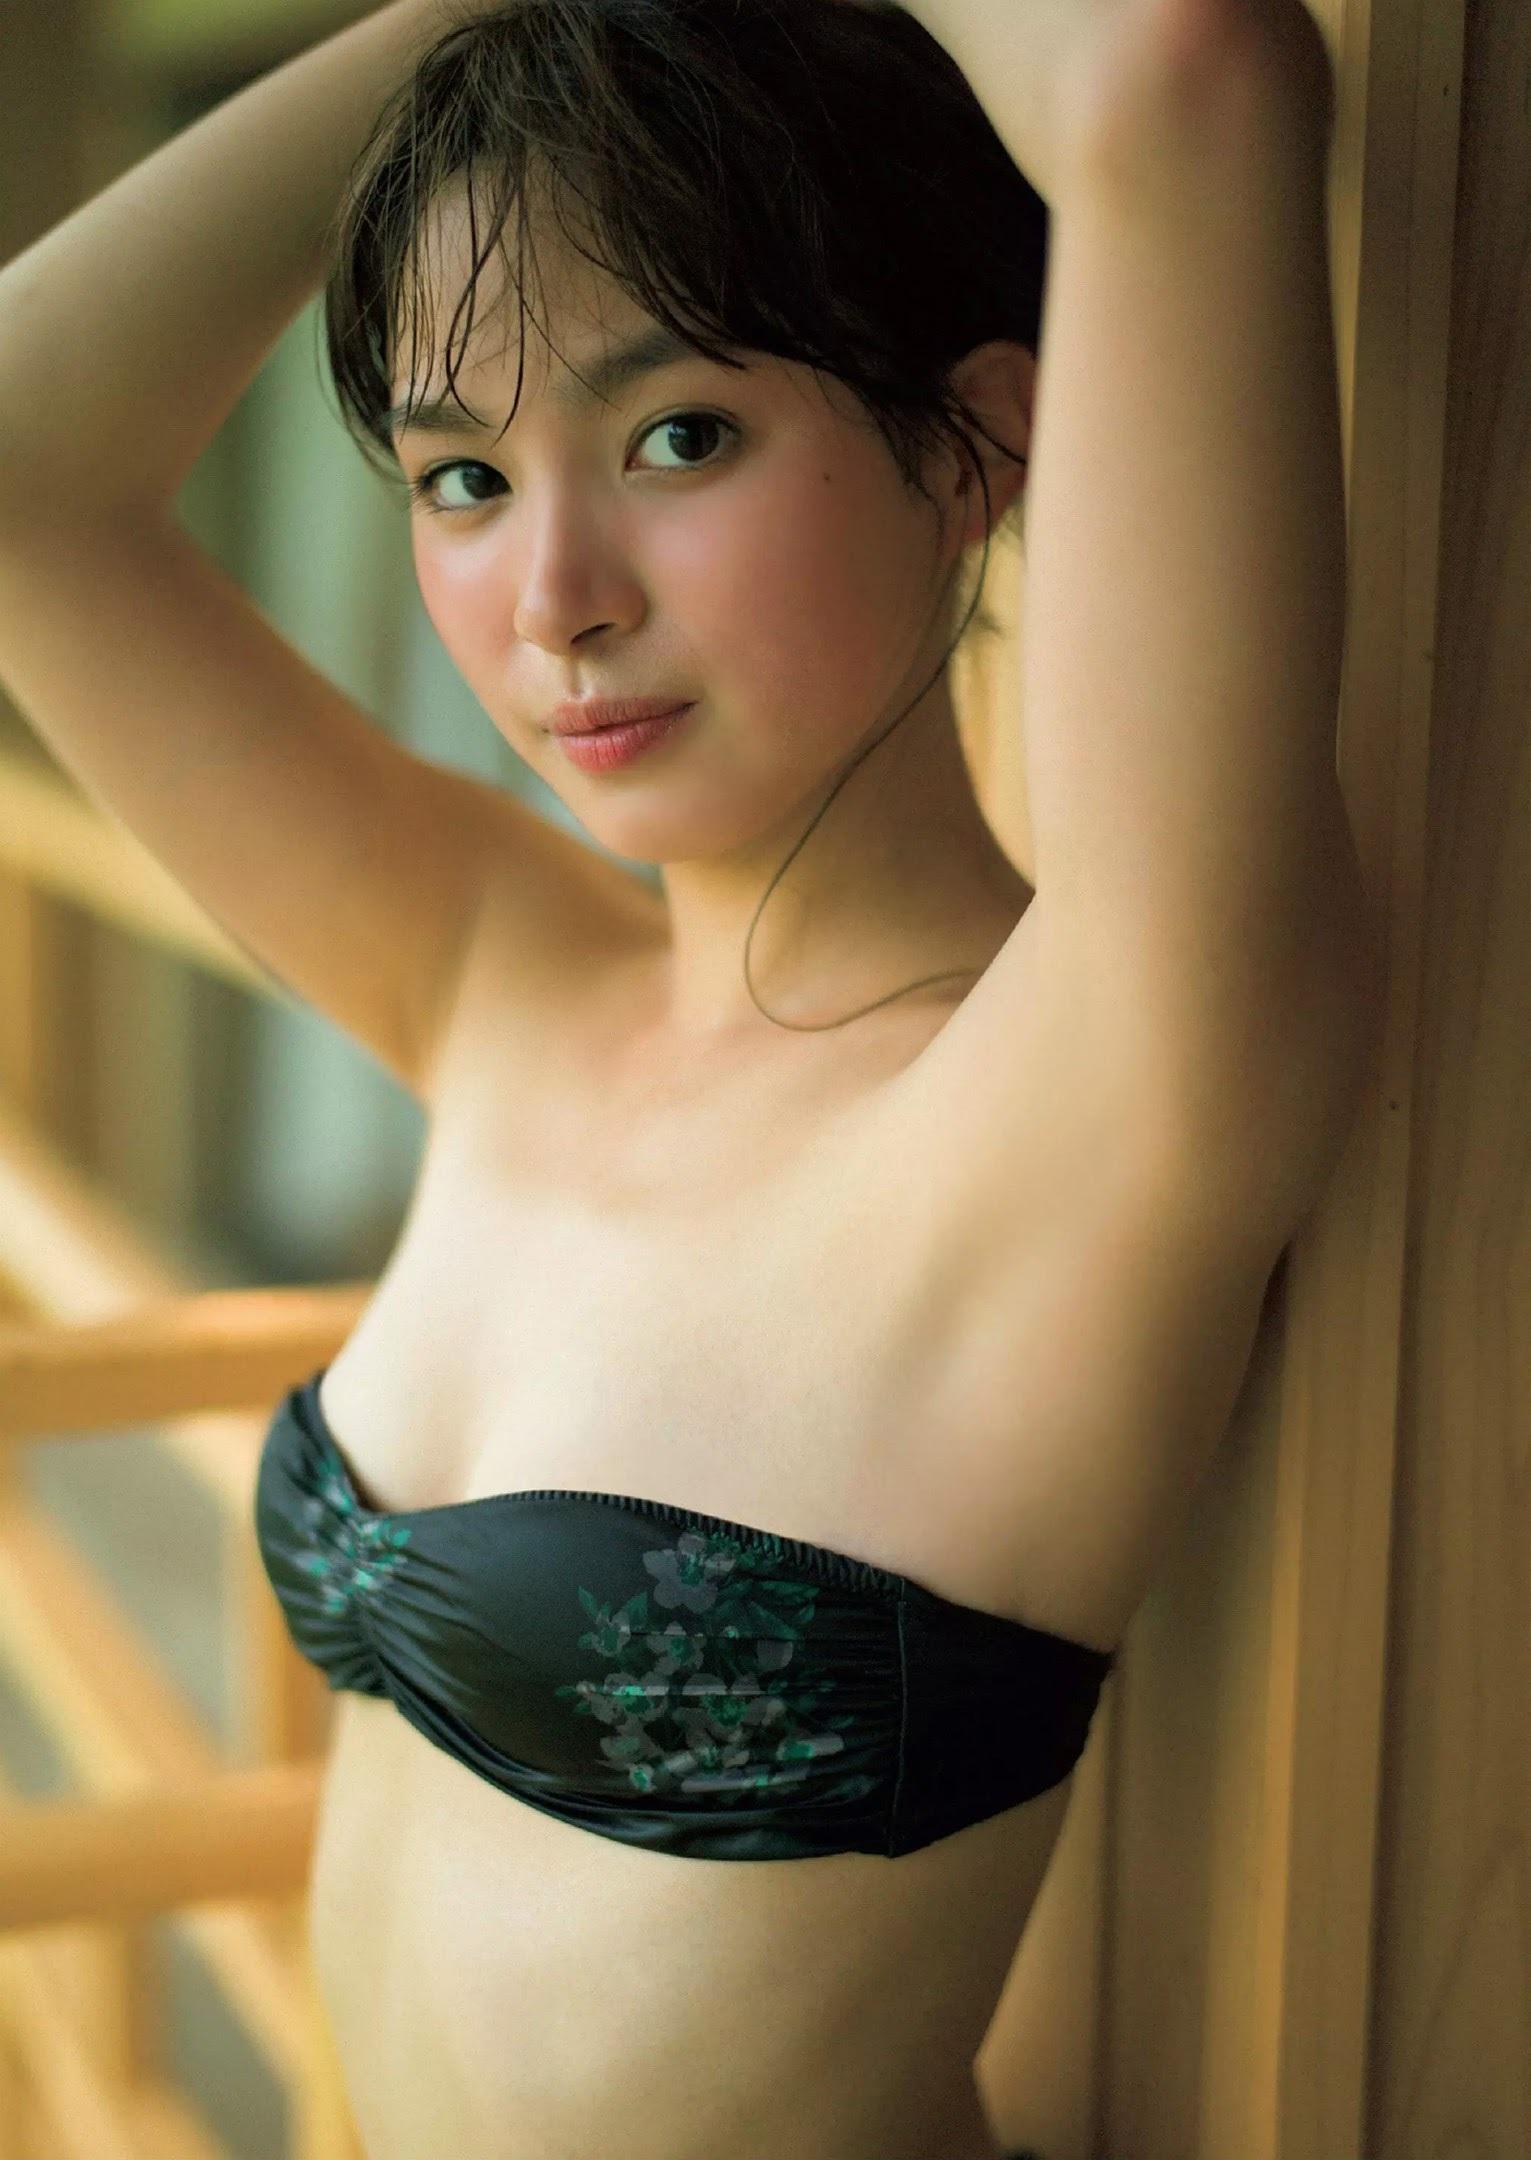 関水渚78